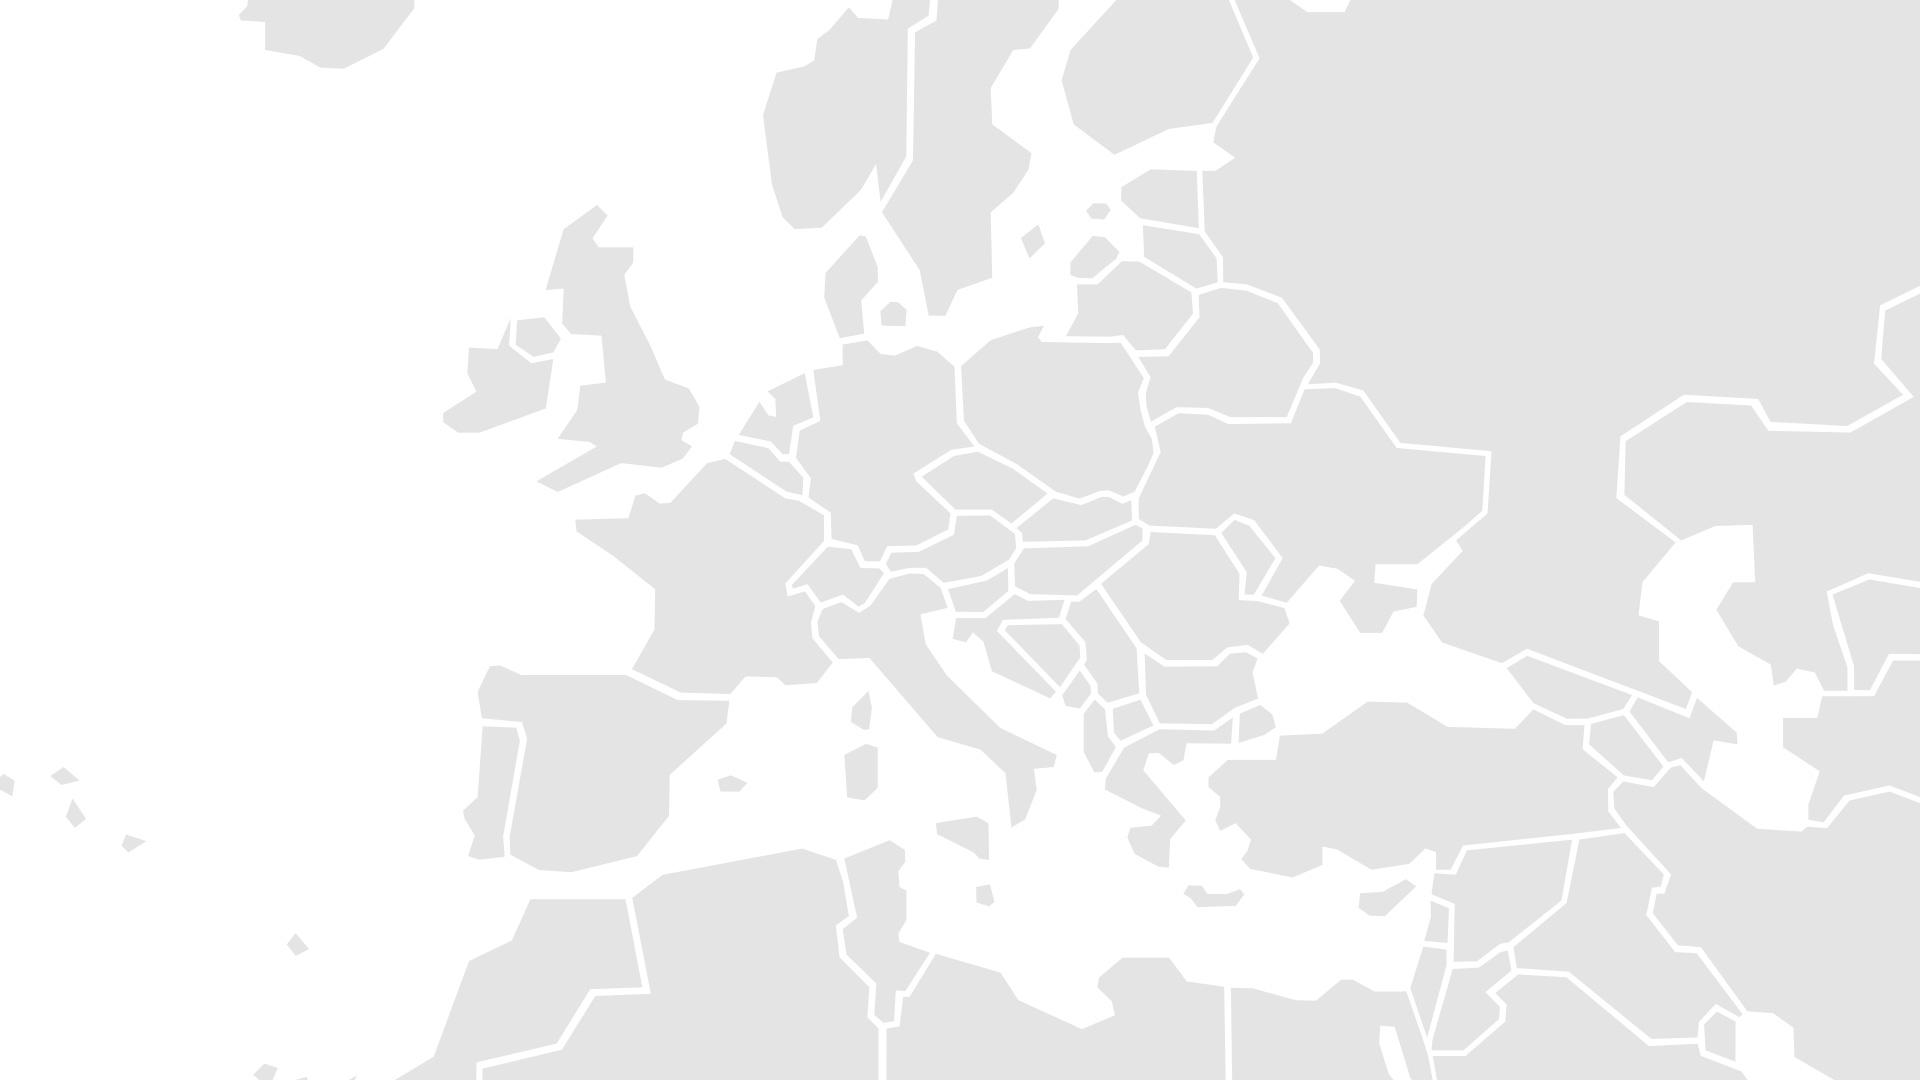 carte EU